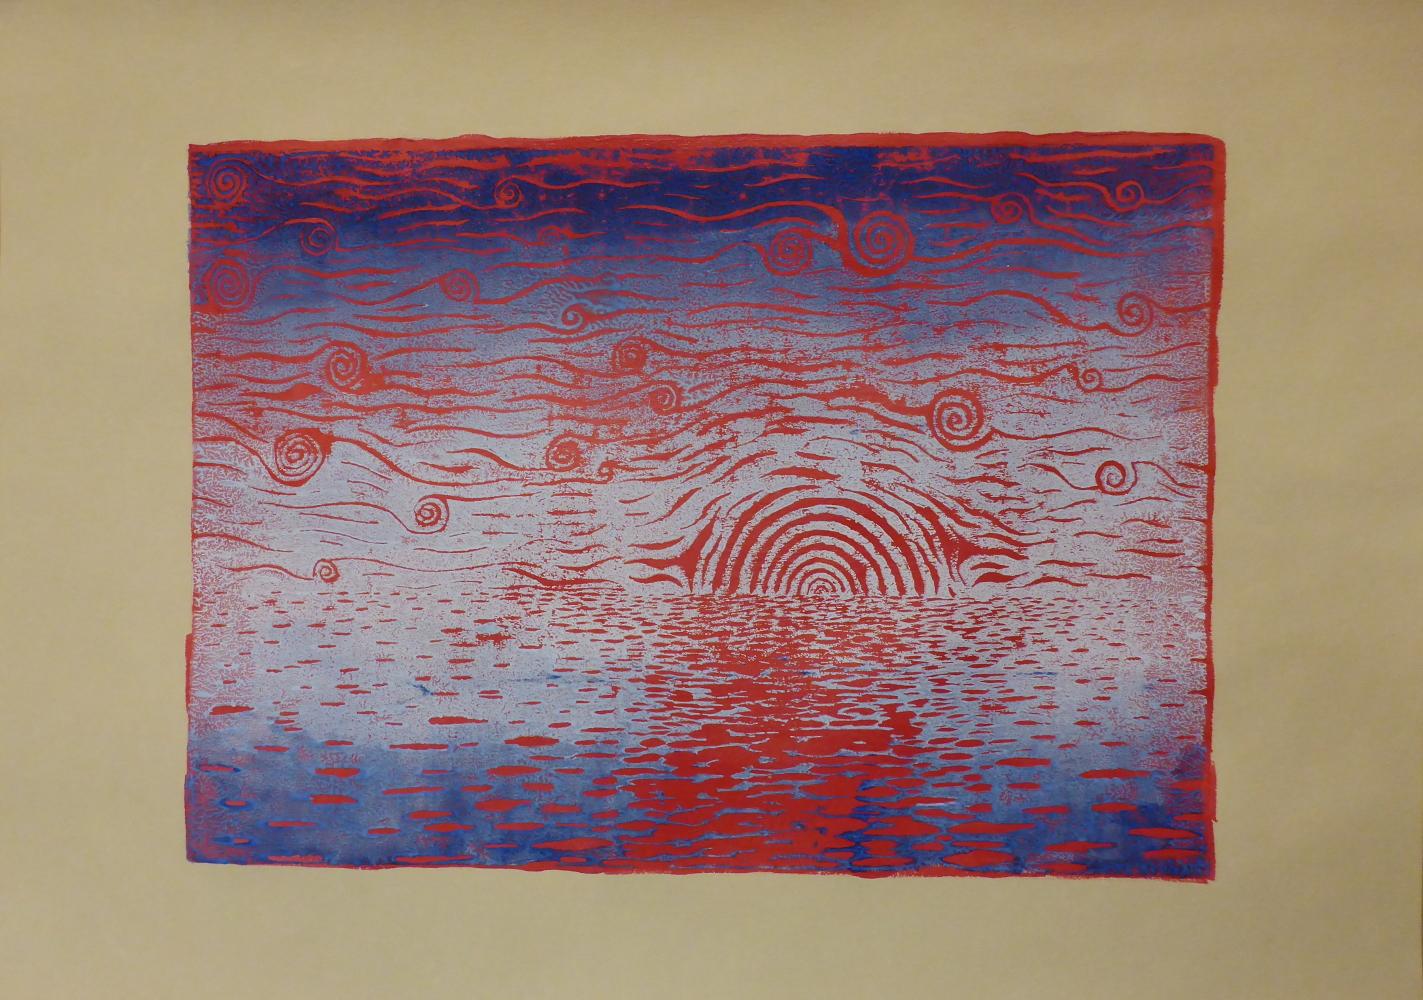 """""""Sternennacht III"""", 2018, Linolschnitt + Acryl auf Papier, 42 x 30 cm"""